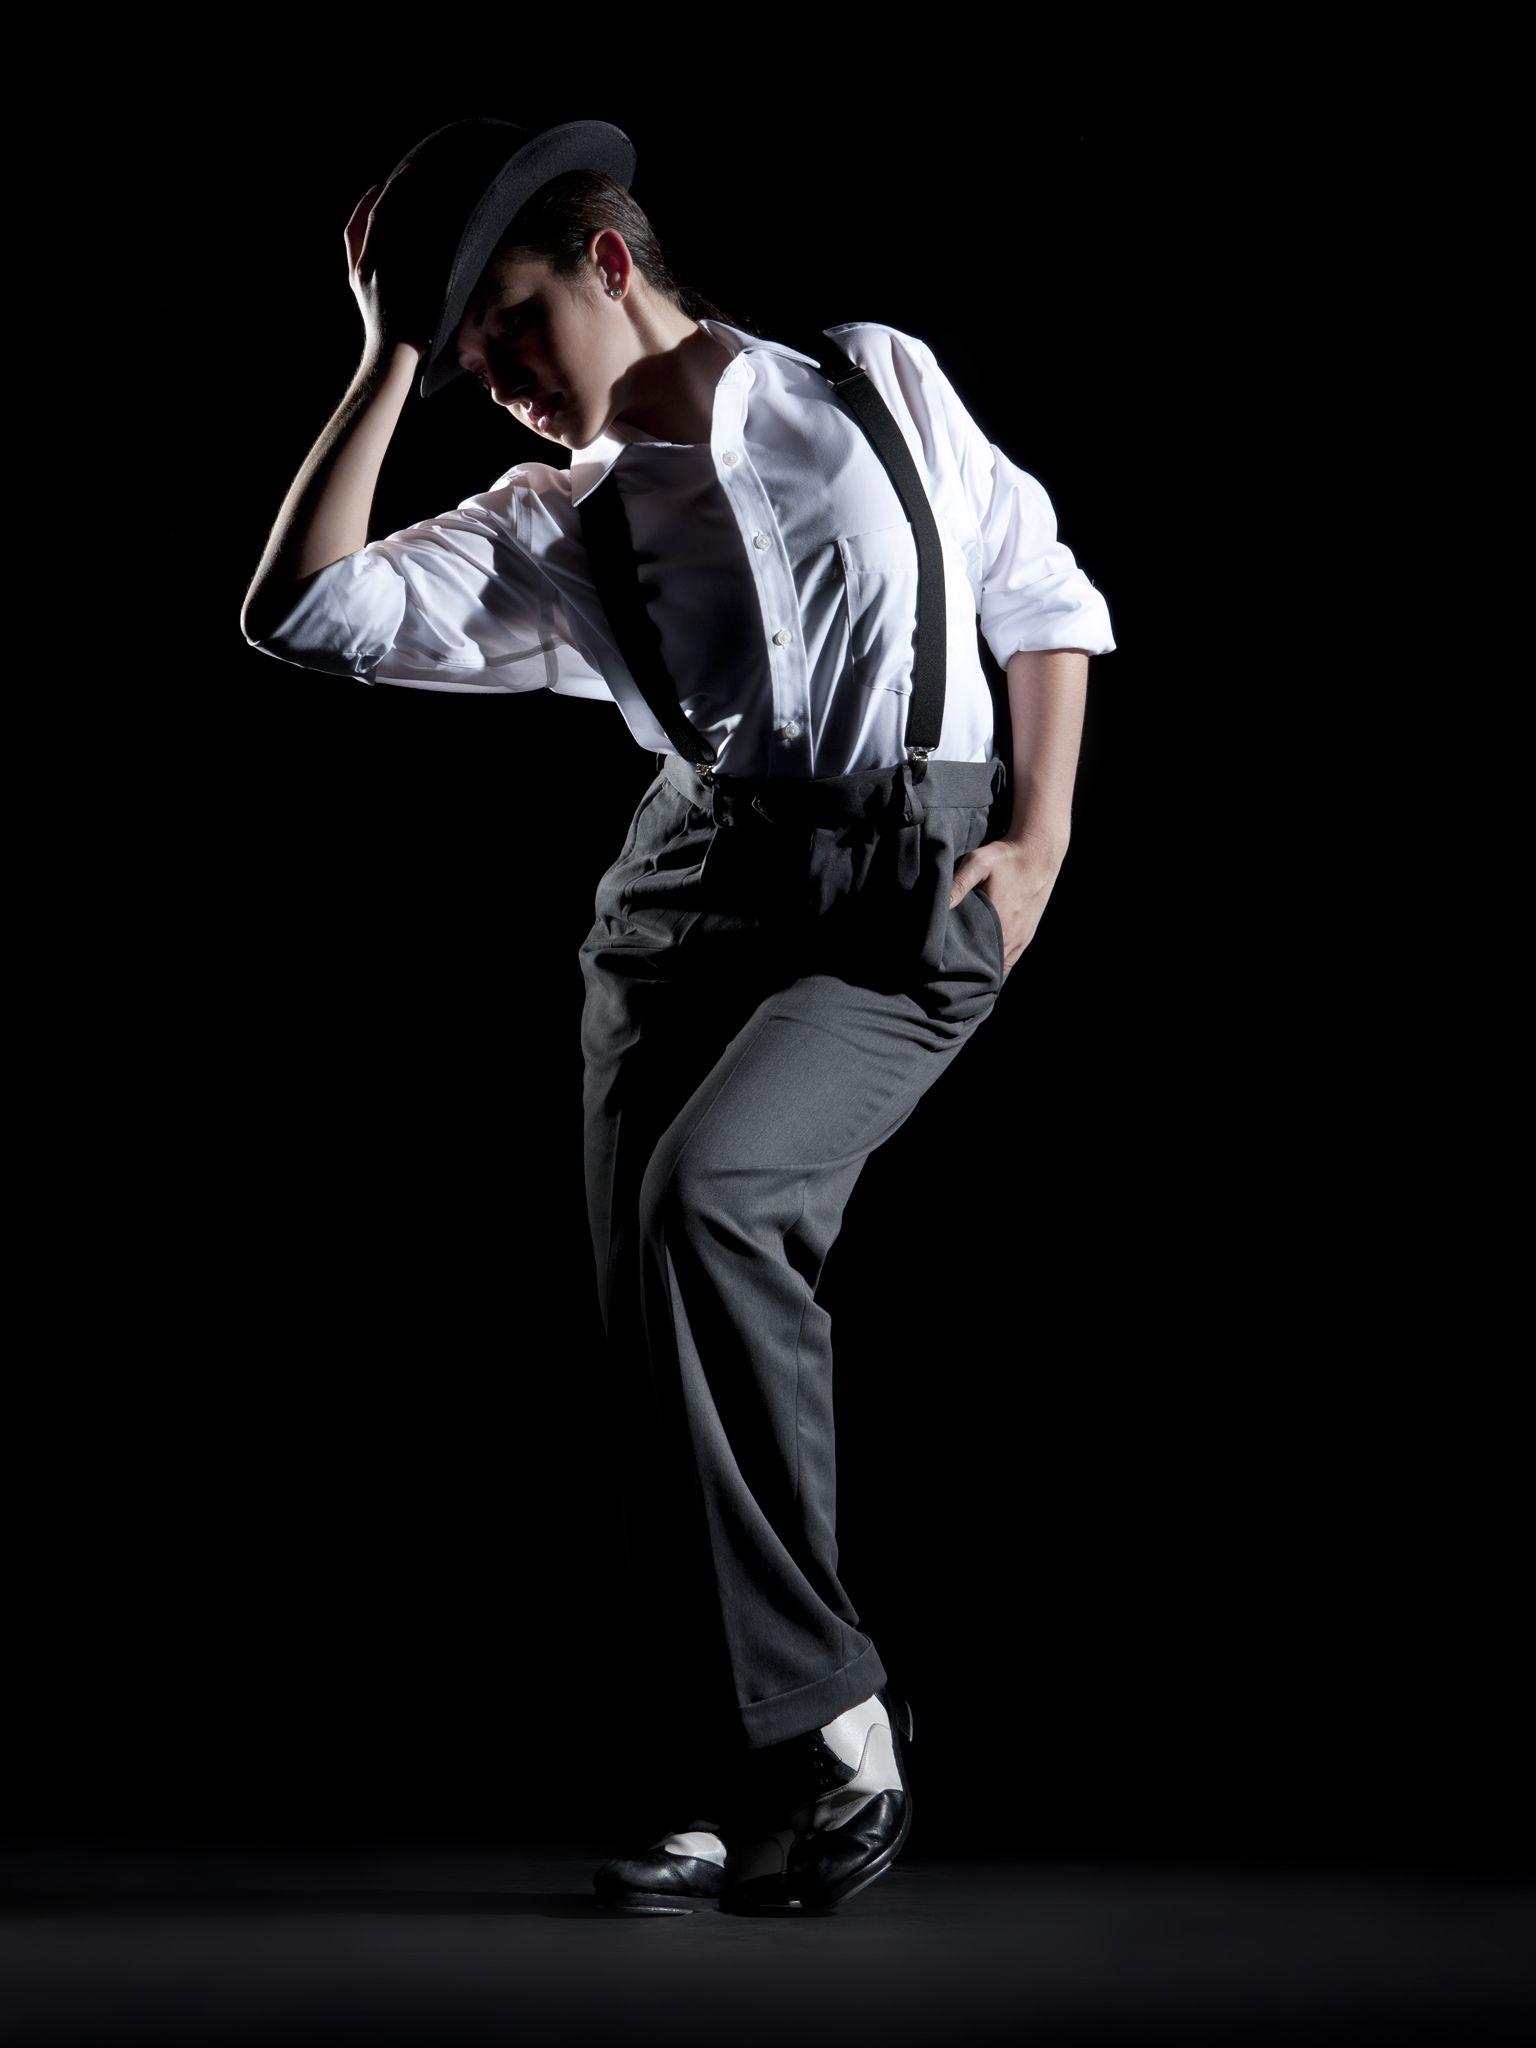 серая смола картинки мужчин танцующих обстановка